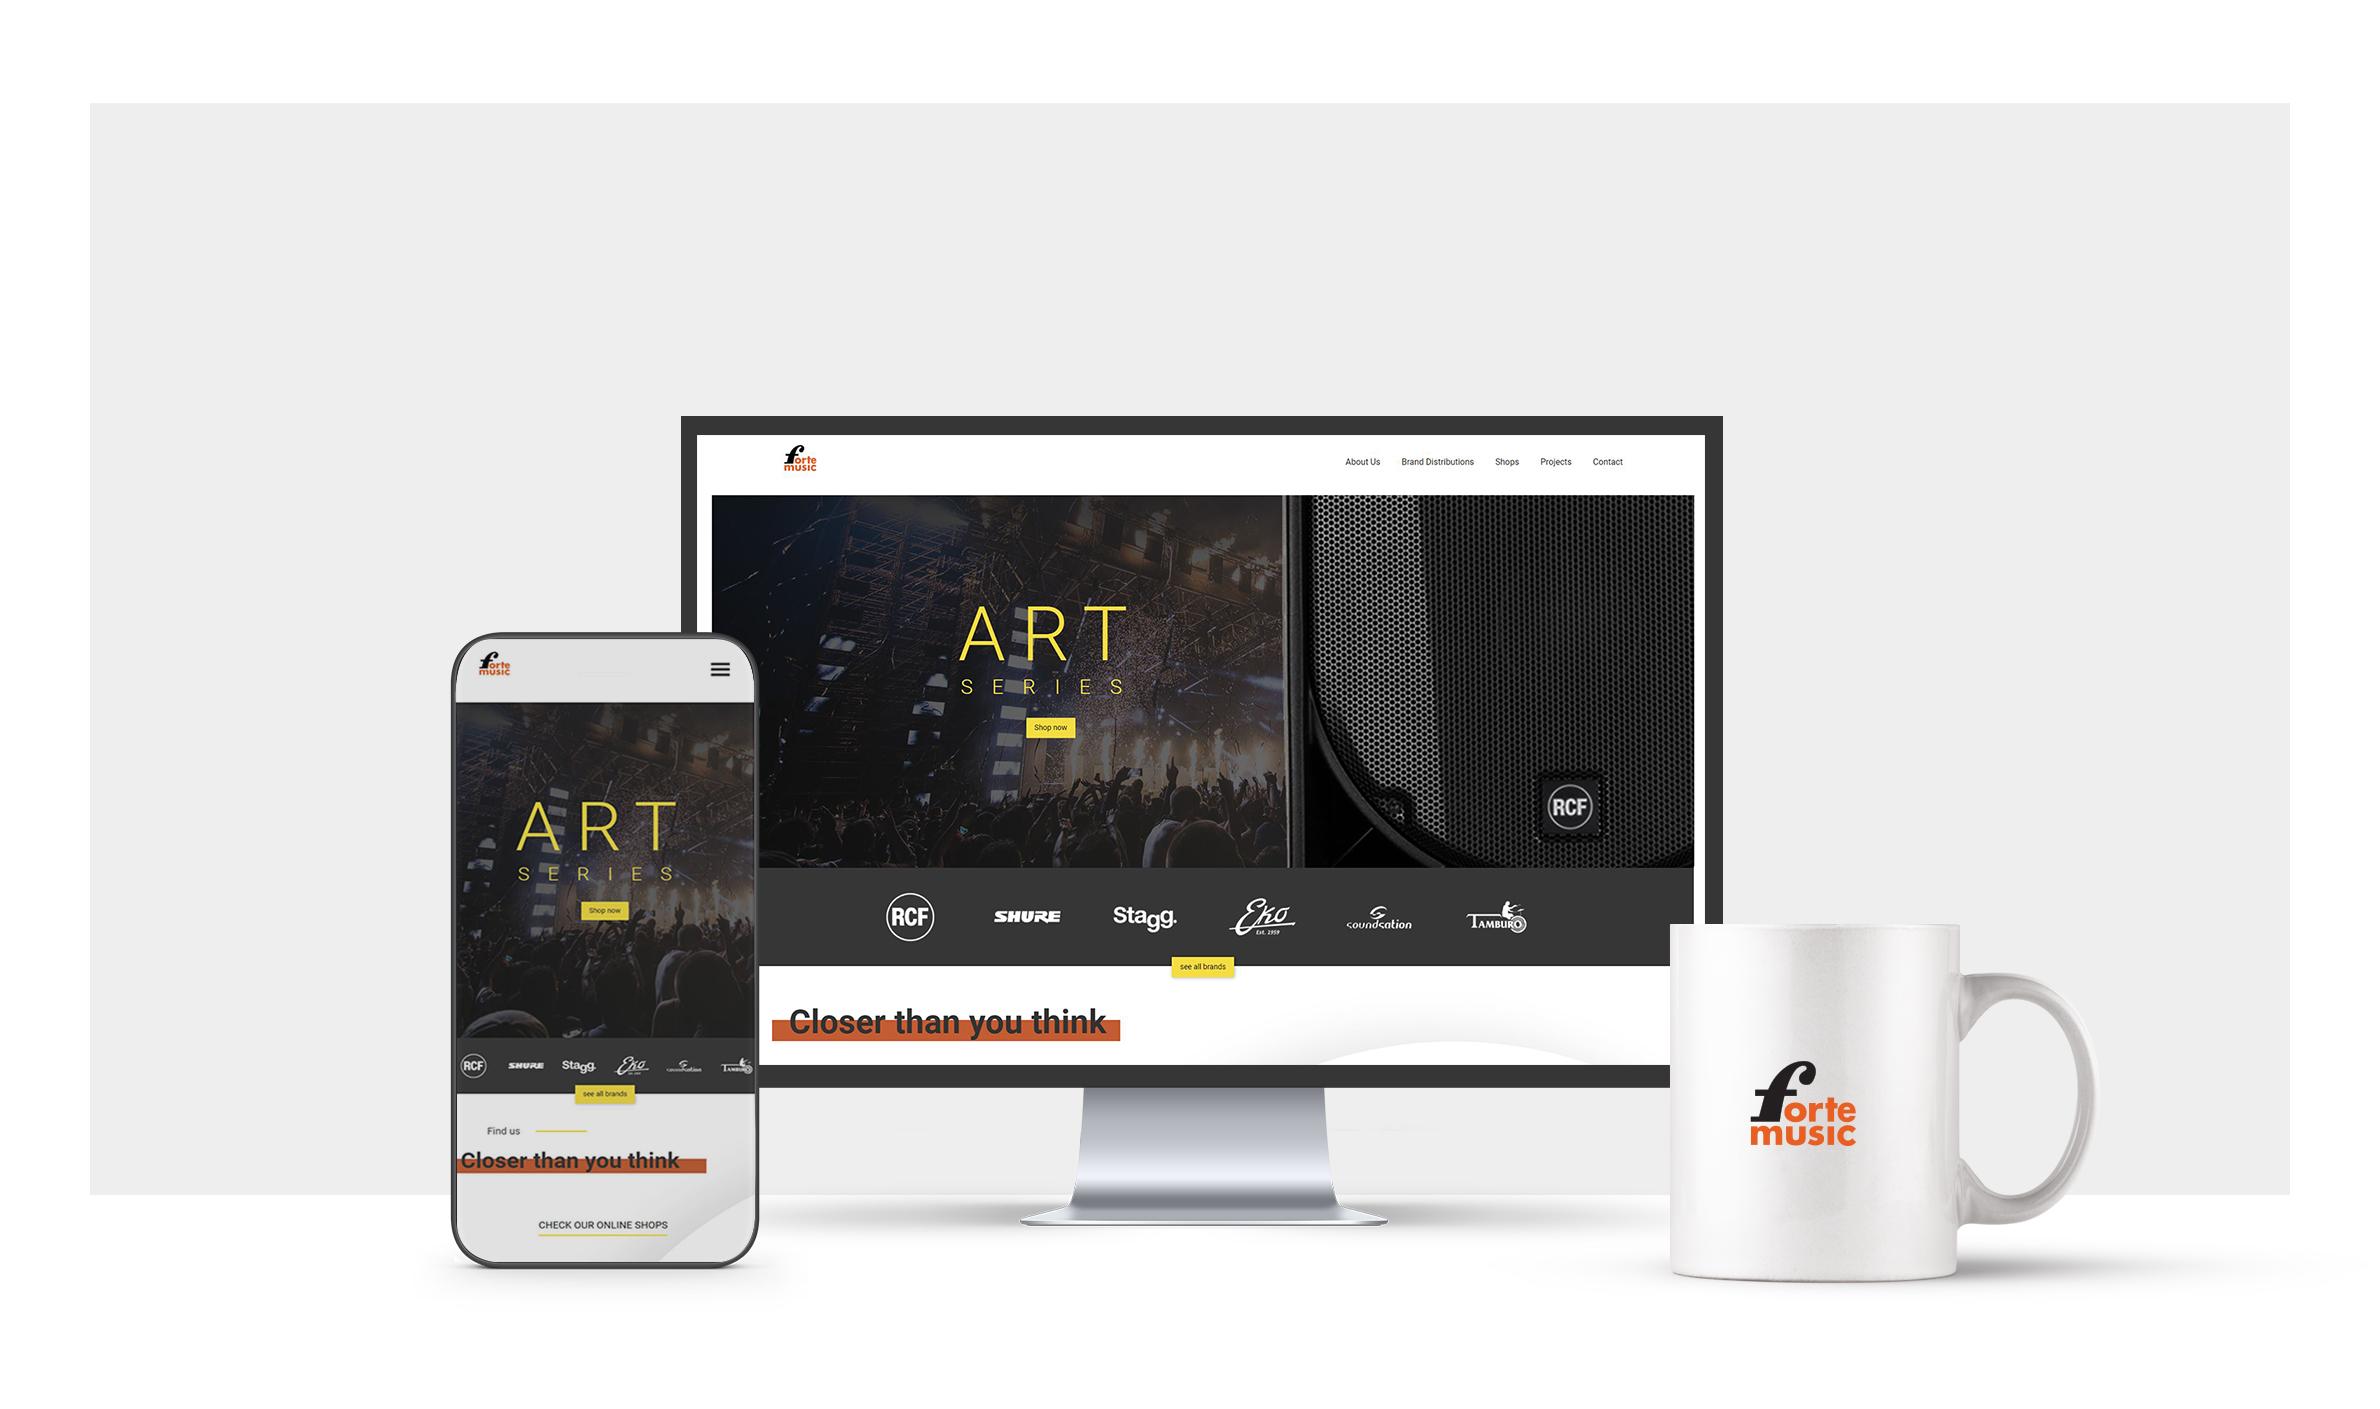 Web design  https://fortebg.com/